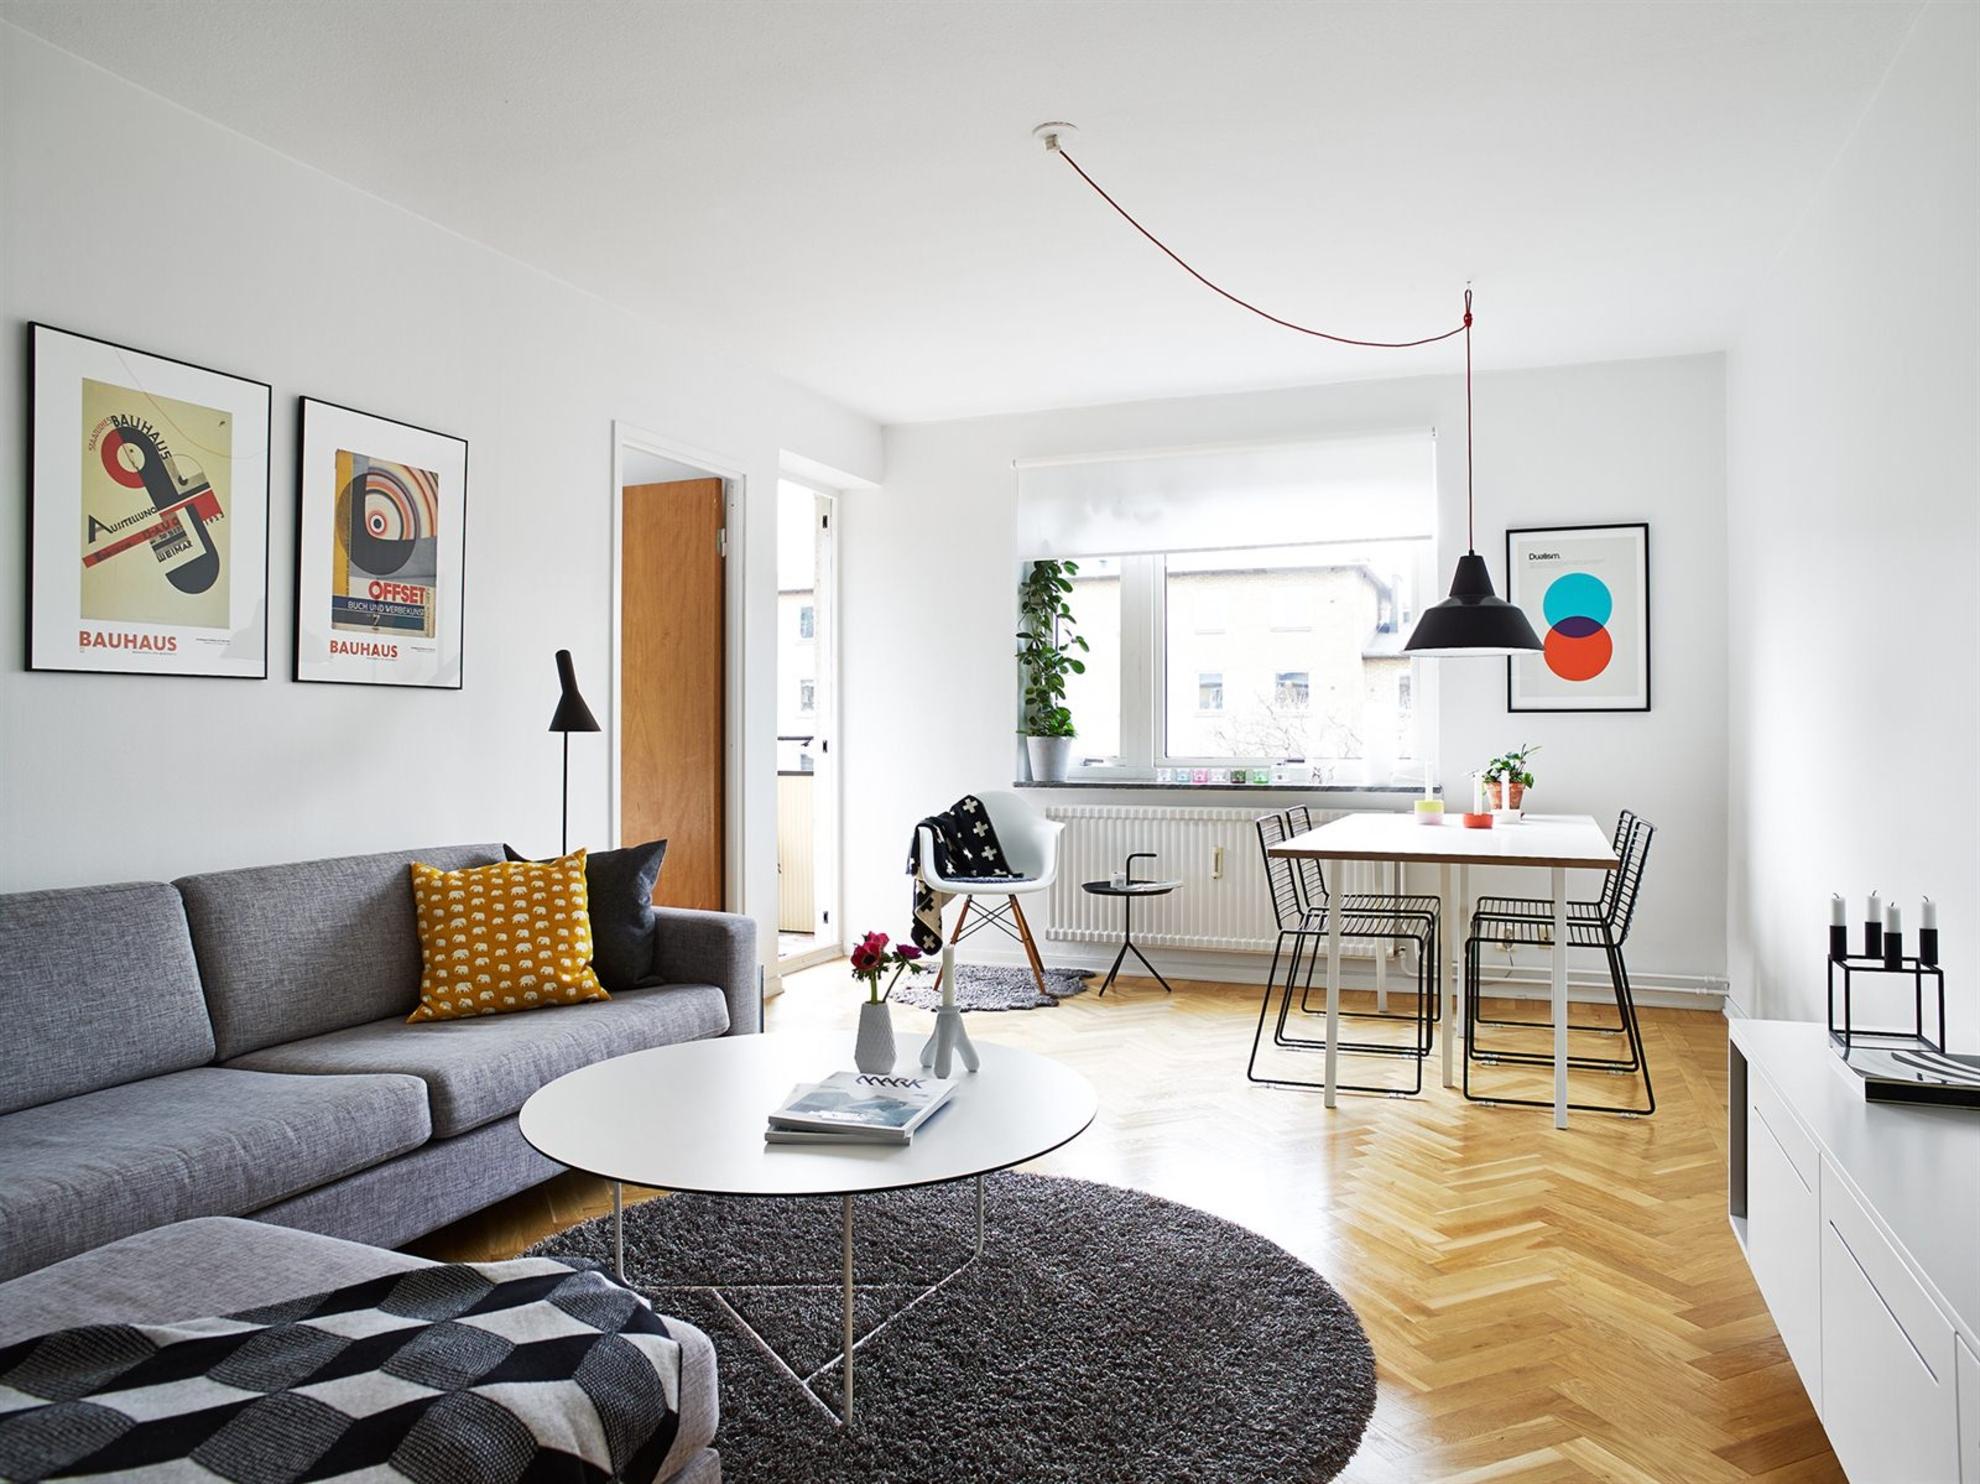 Muebles ligeros para ganar espacio visual blog - Decoracion de interiores pisos pequenos ...